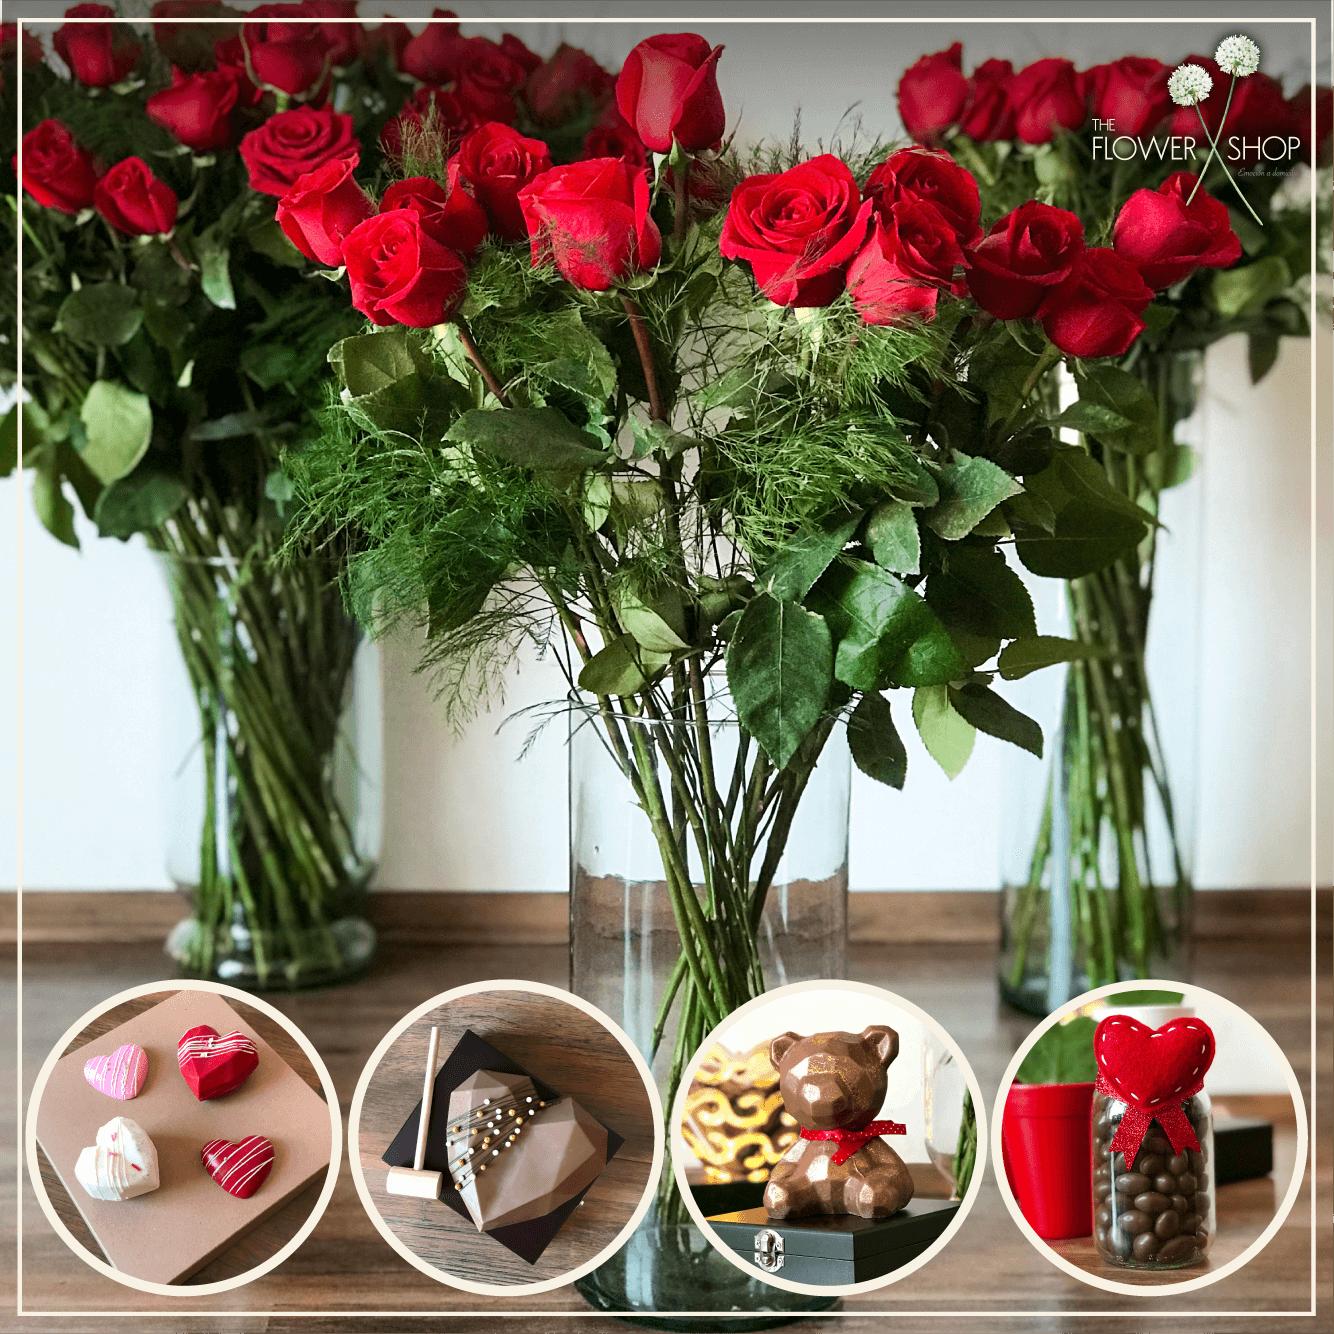 theflowershop-flores_a_domicilio-flores_por_suscripcion-flores_por_membresia_bouquet_flores-12_rosas-opciones